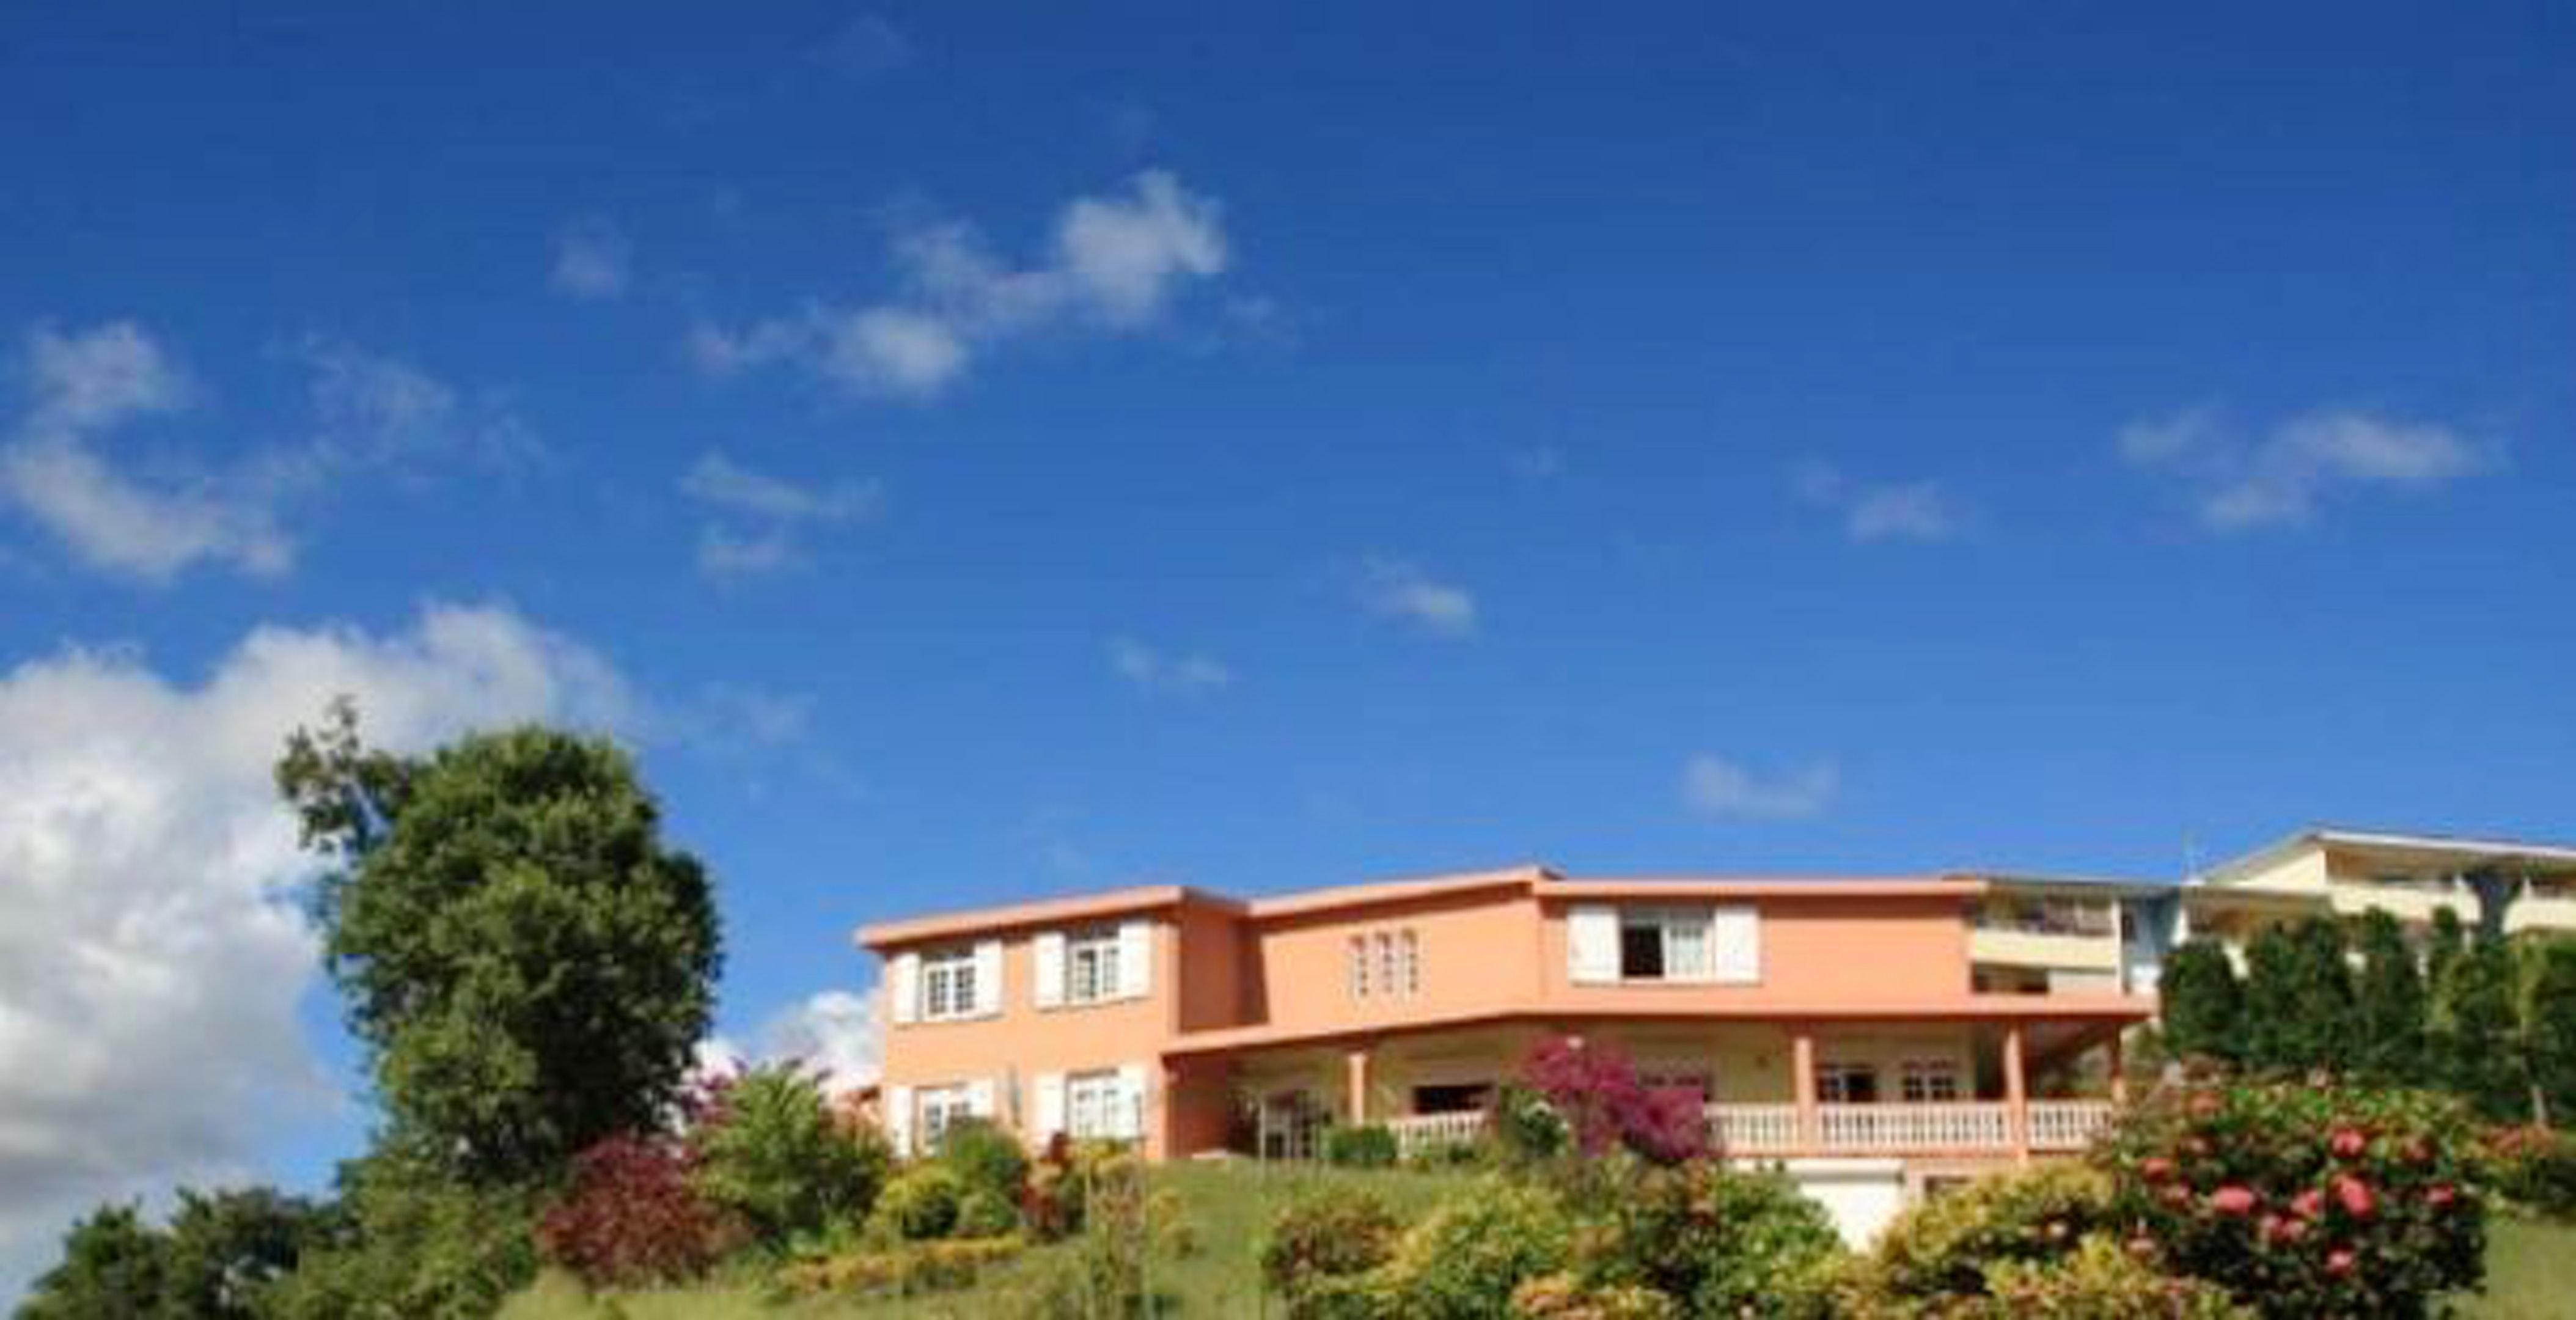 Casa de una habitación en La Trinité, con magnificas vistas al mar, jardín amueblado y WiFi - a 3 km de la playa